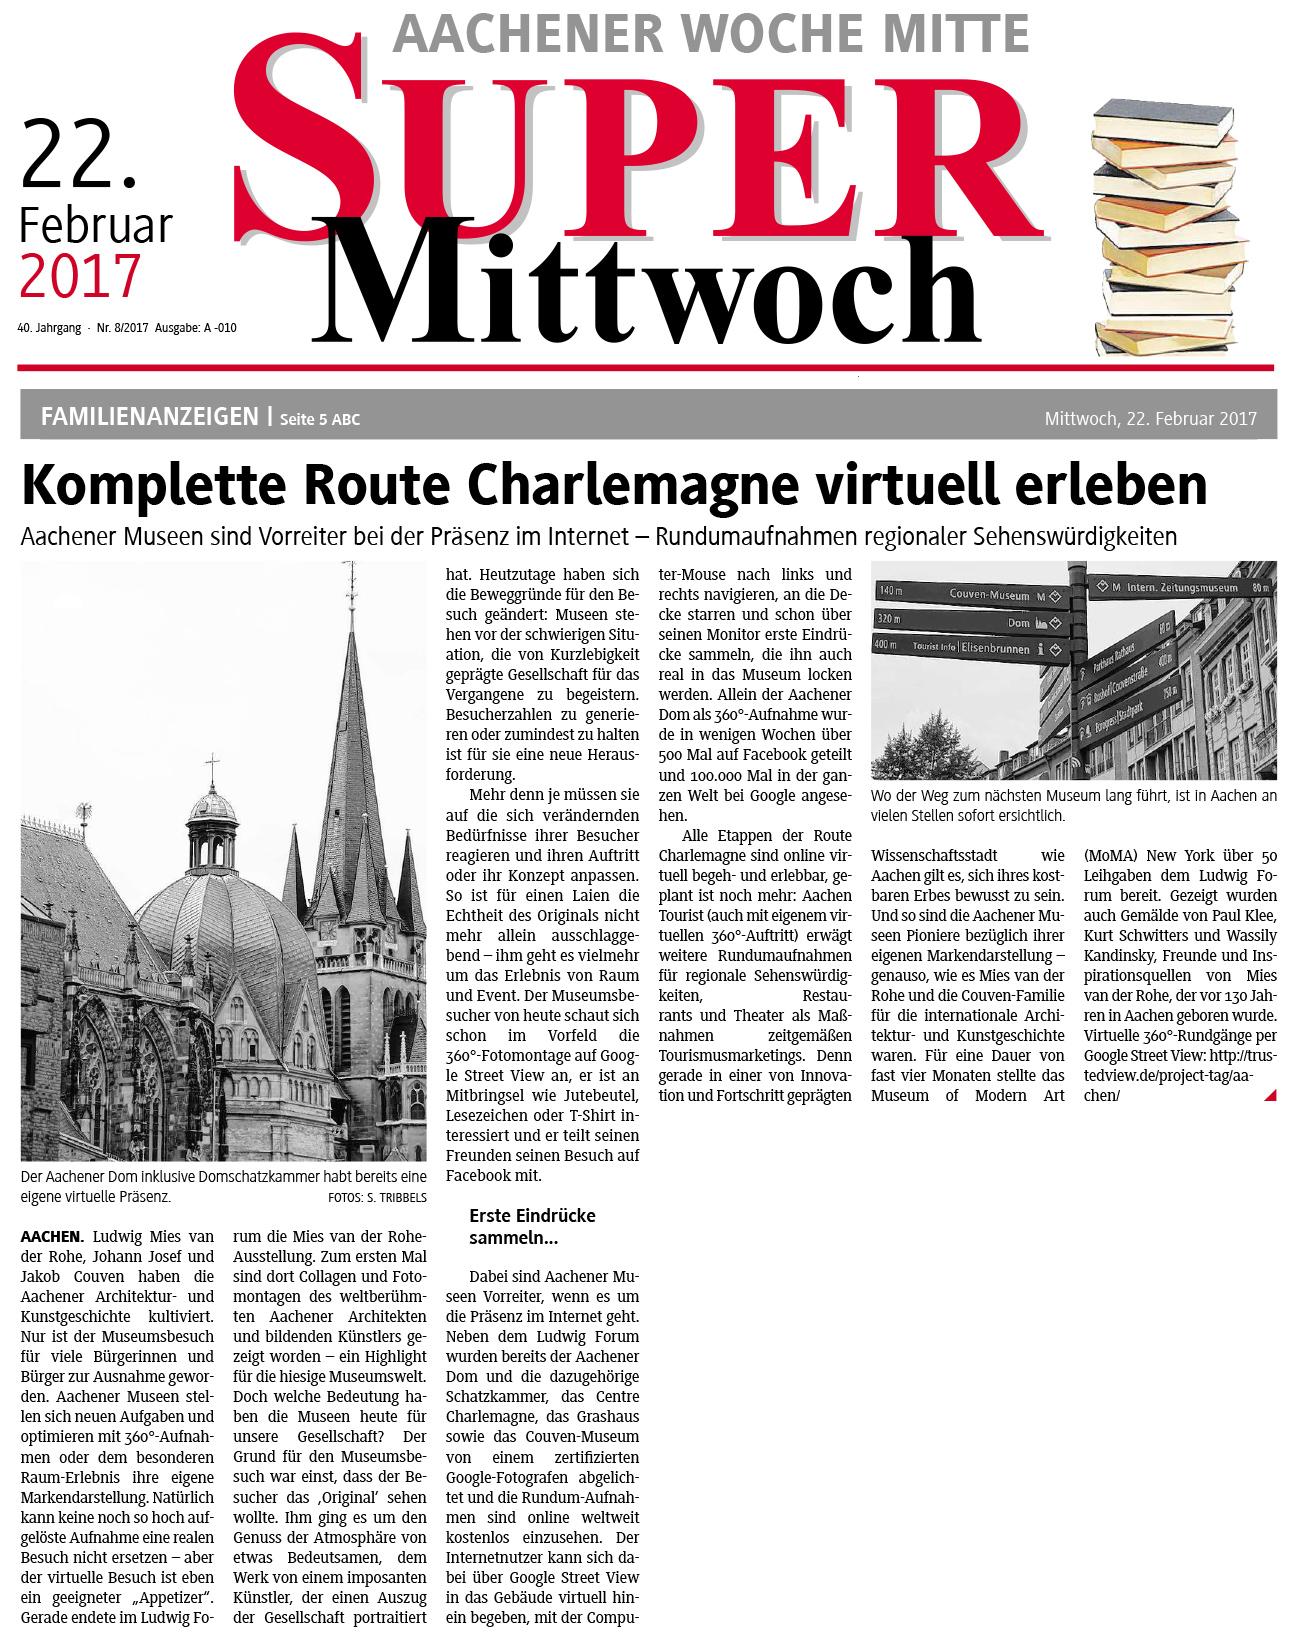 Super Mittwoch: Komplette Route Charlemagne virtuell erleben